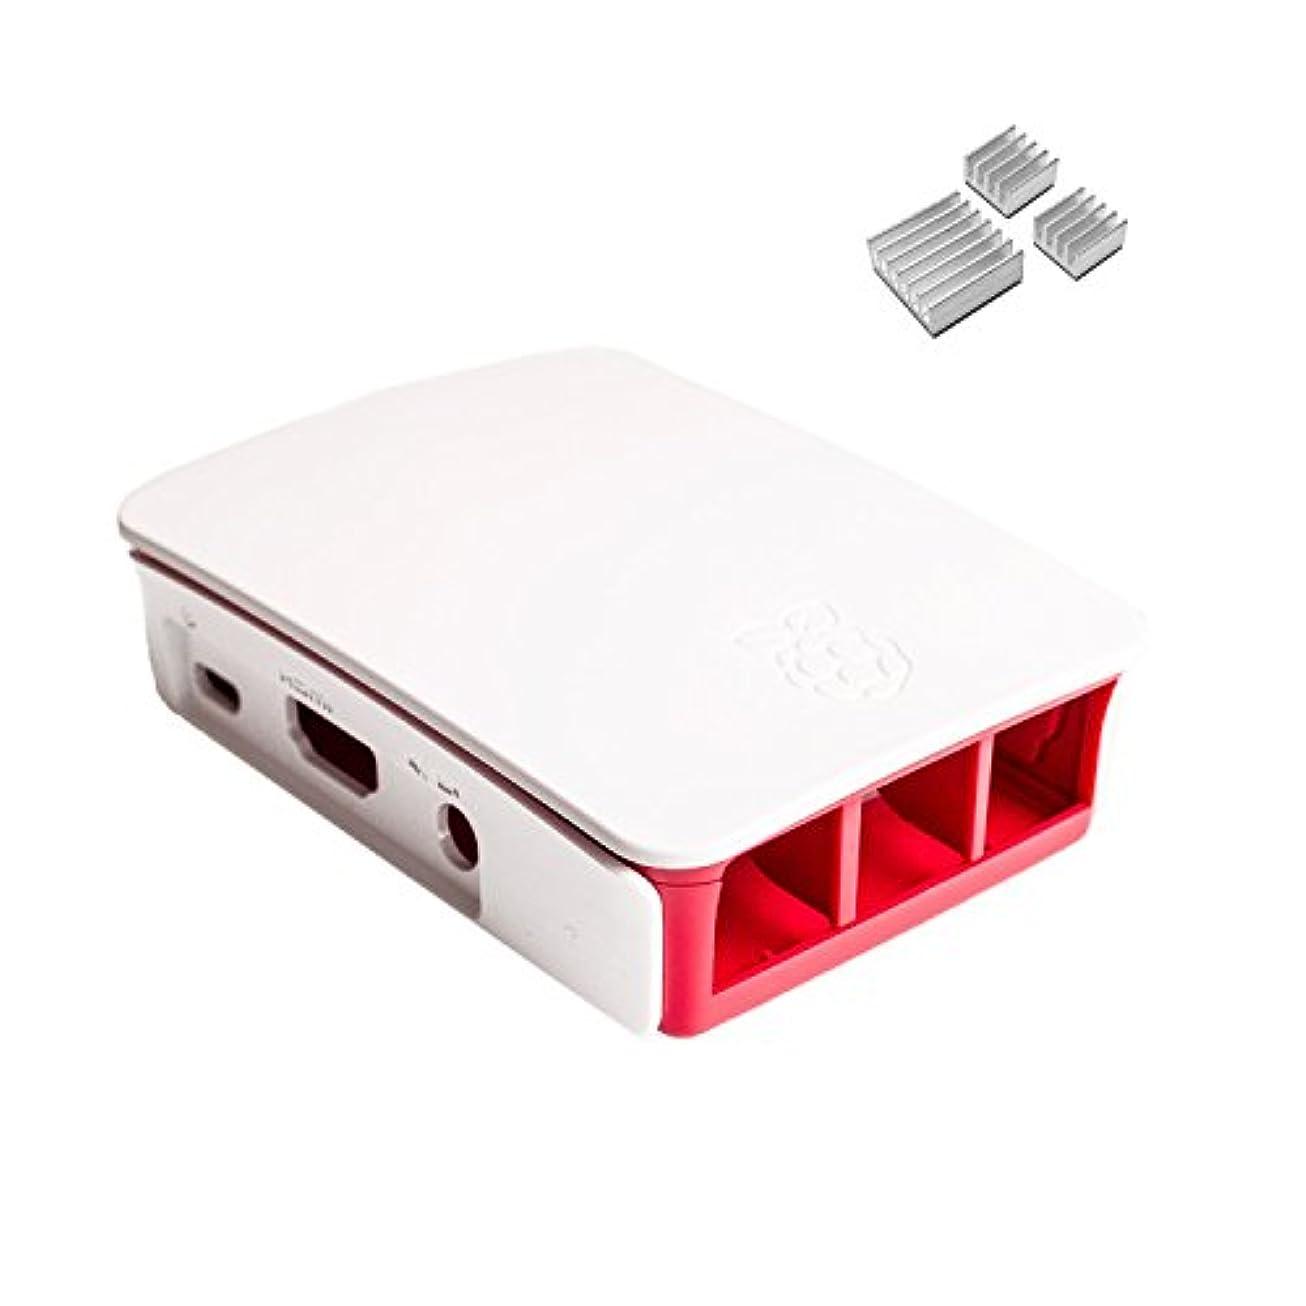 まぶしさ誓約権利を与える頑丈な基盤のエンクロージャボックスケースRaspberry Pi 3 B / B + withアルミニウム製ヒートシンクの/設定キット( 3 )